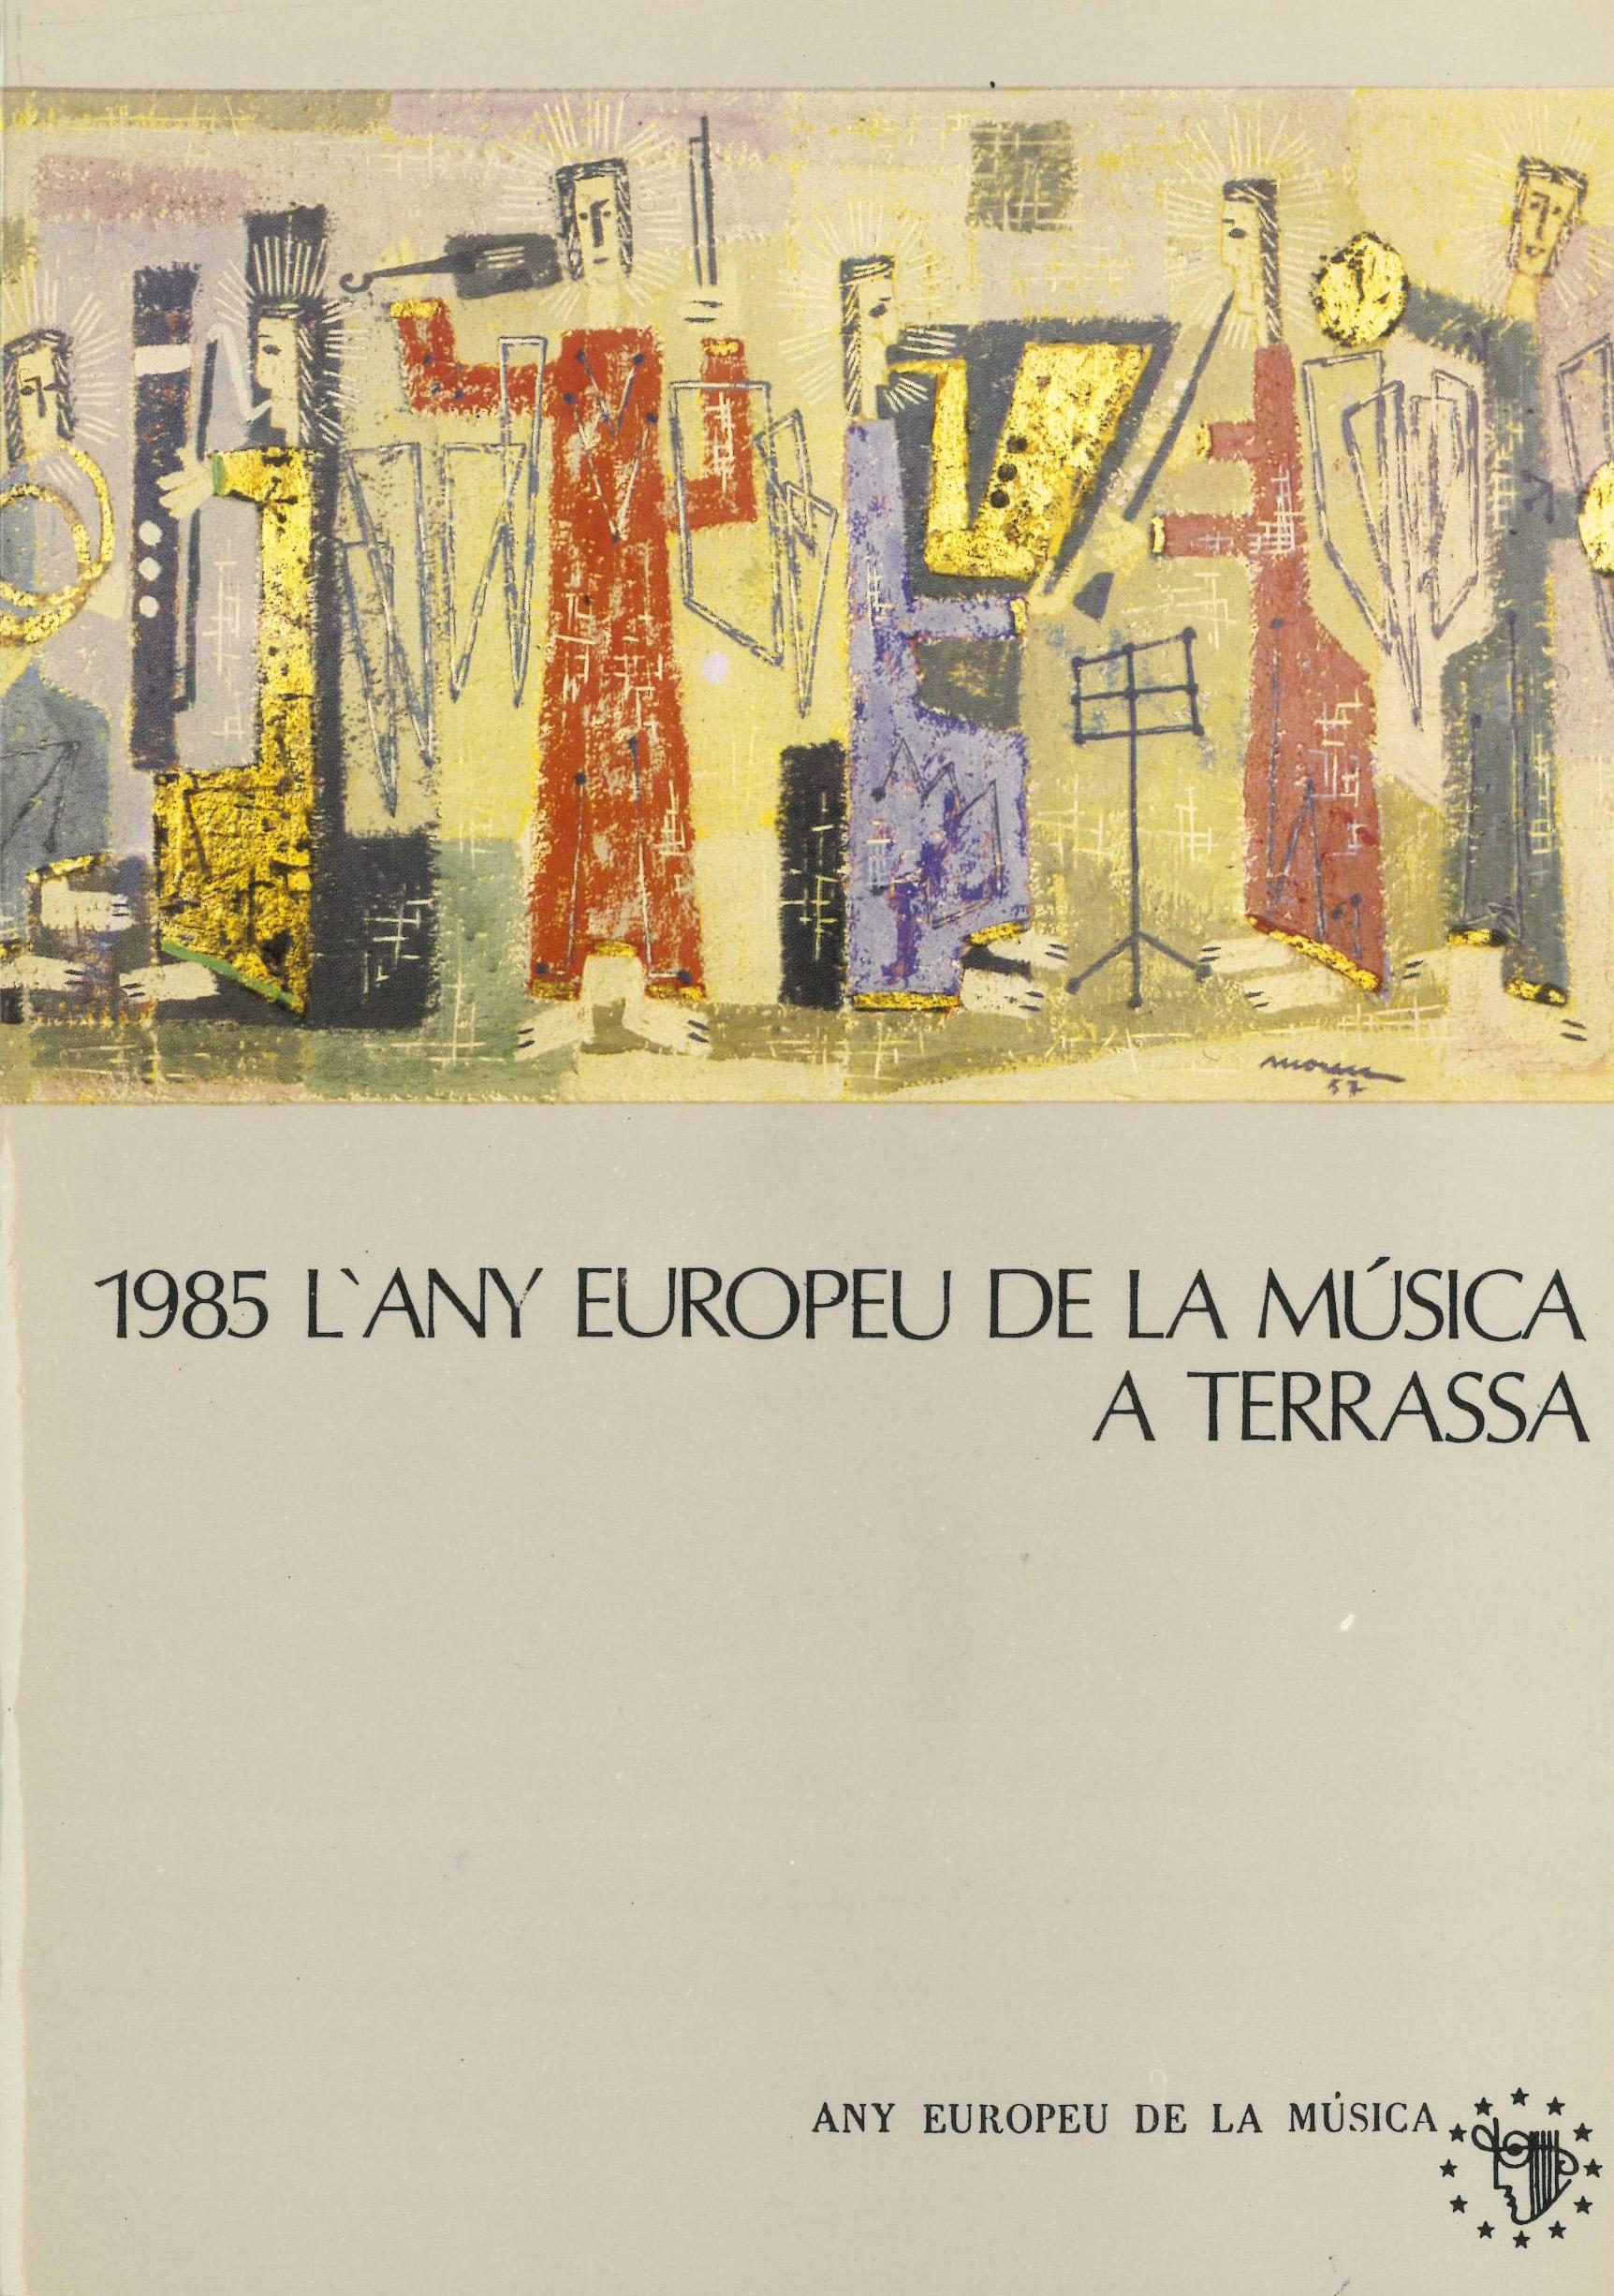 anyeuropeumusicaterrassa1985